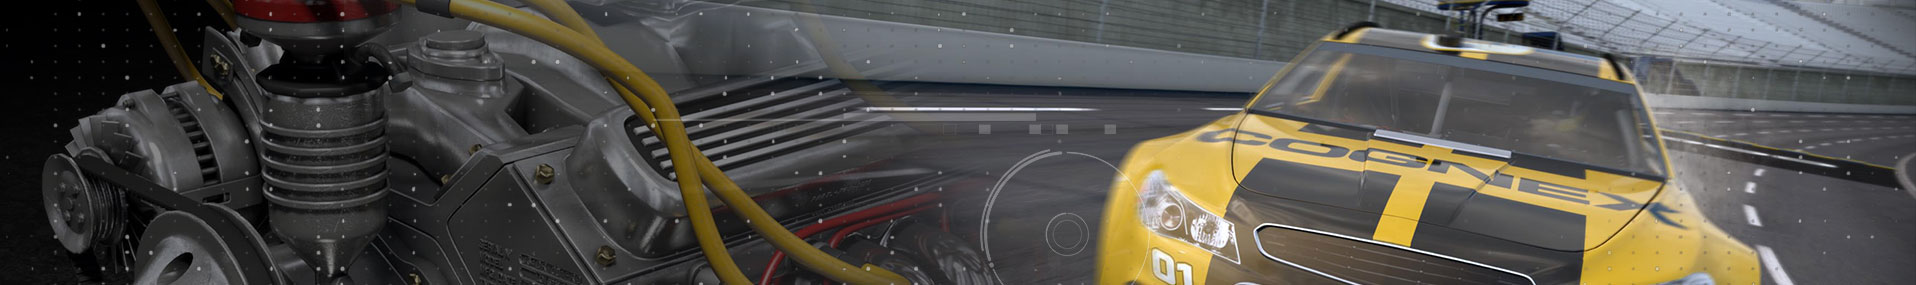 Automotive Cognex race car and engine banner